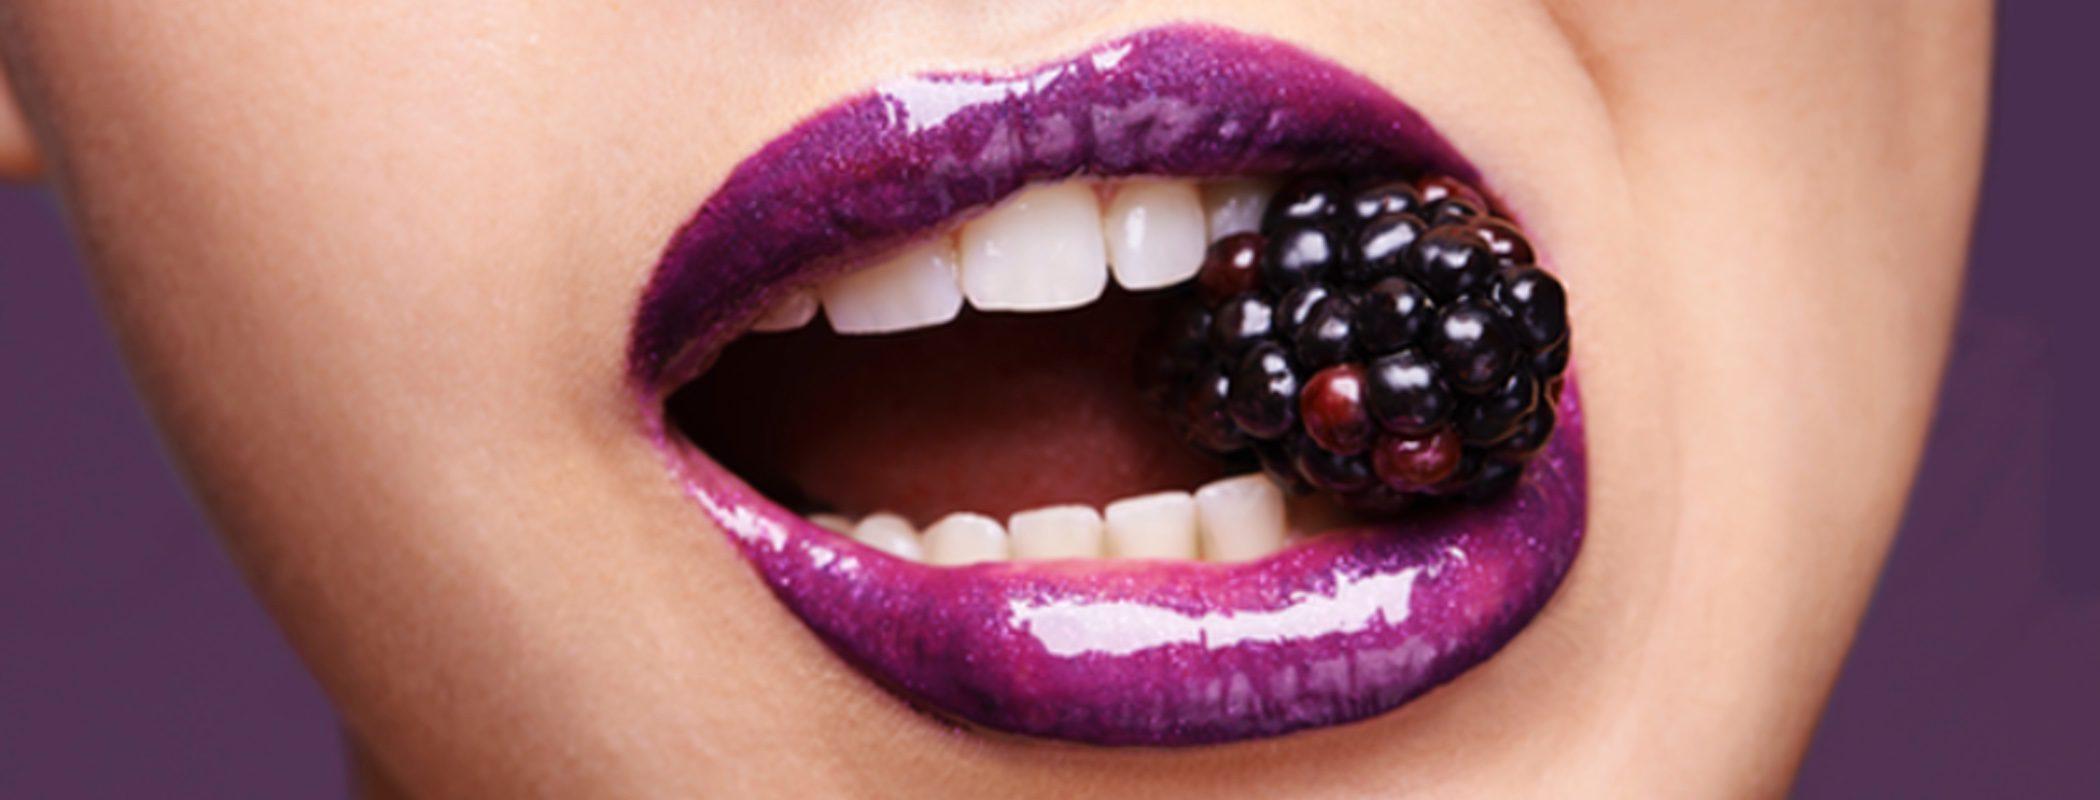 Comida afrodisíaca: 5 alimentos que nunca imaginarías que te excitan sexualmente